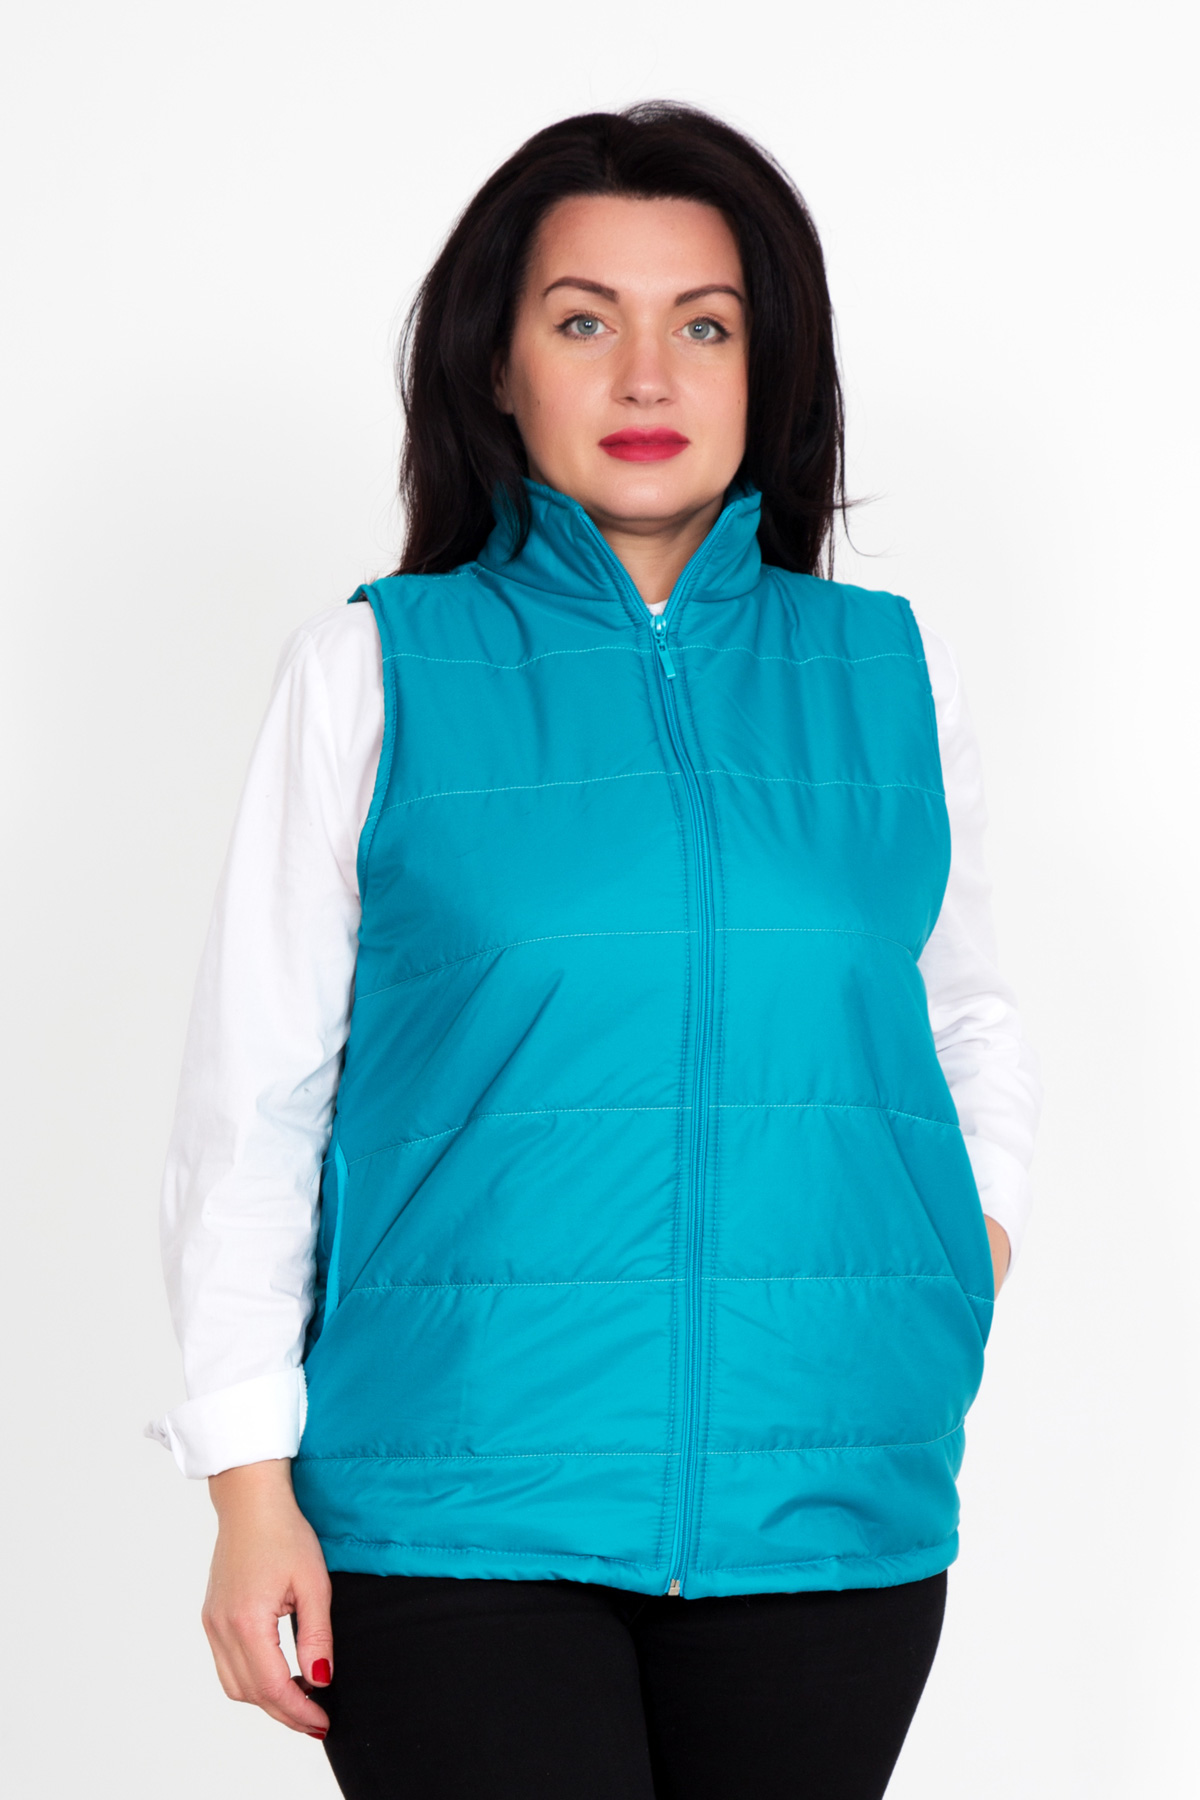 Жен. жилет арт. 18-0269 Голубой р. 48Верхняя одежда<br>Факт. ОГ: 100 см <br>Факт. ОТ: 100 см <br>Факт. ОБ: 106 см <br>Длина по спинке: 61 см<br><br>Тип: Жен. жилет<br>Размер: 48<br>Материал: Полиэстер